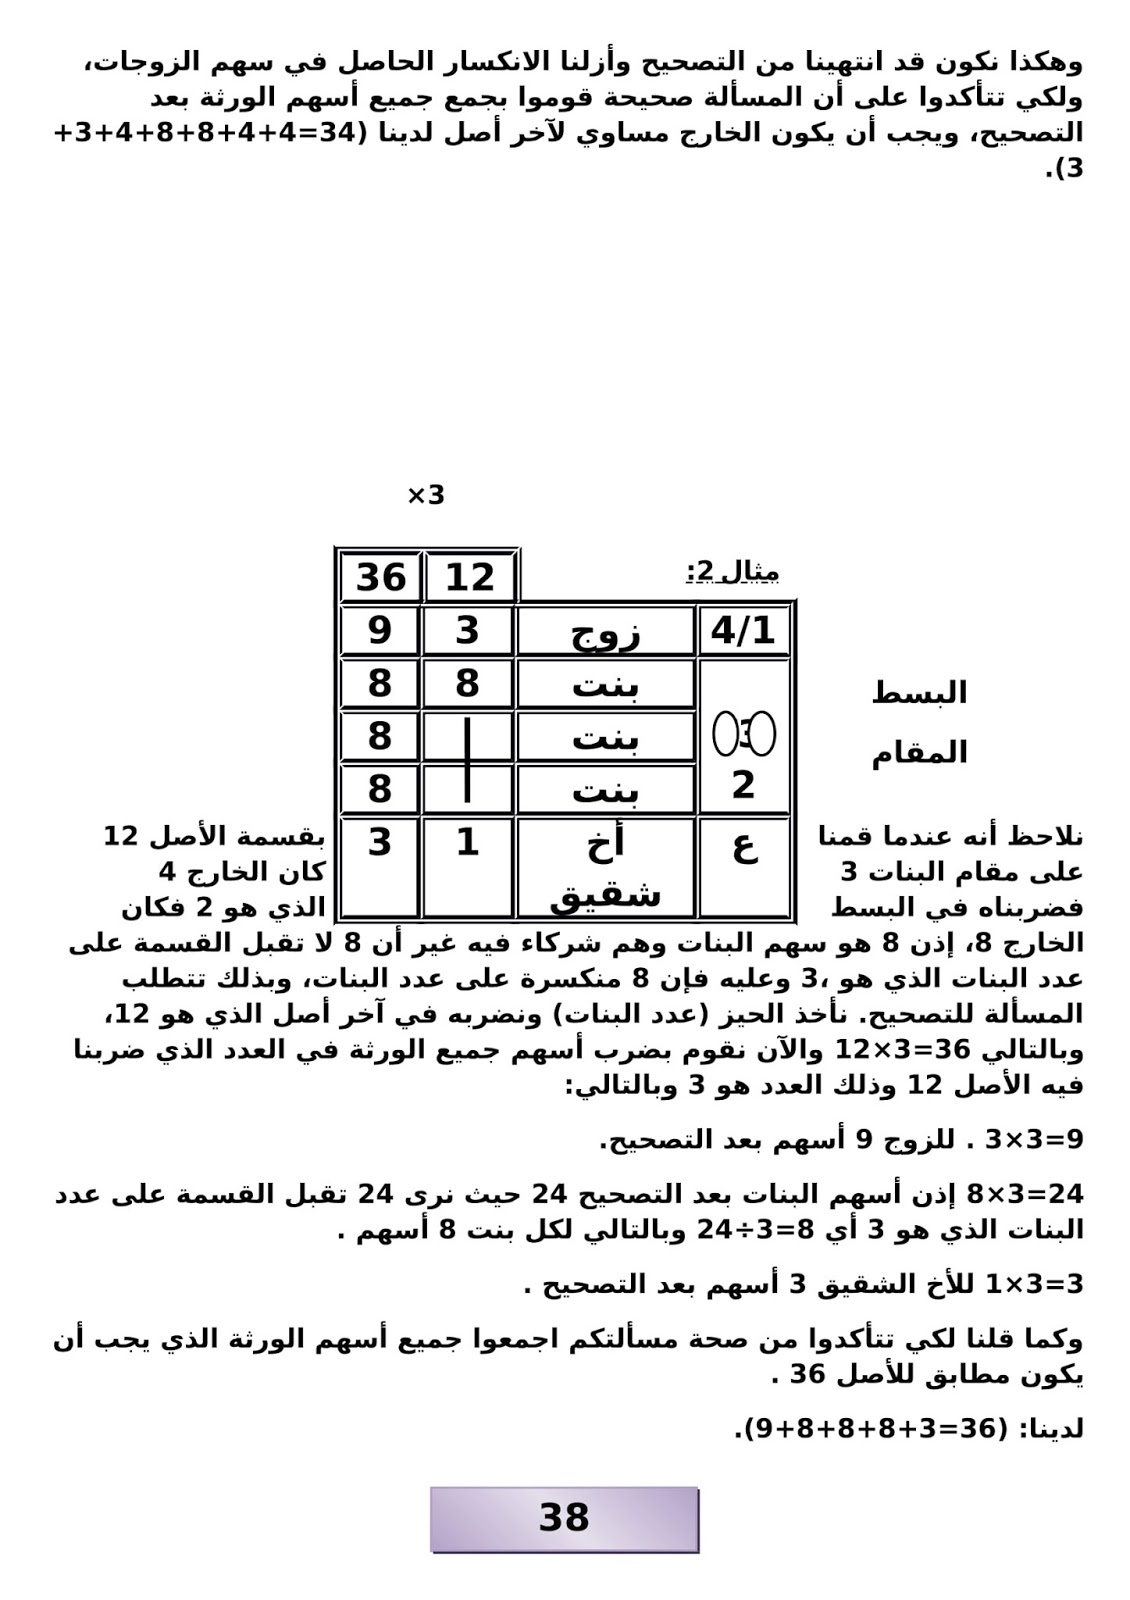 المحاضرة 11 في مادة المواريث : كيفية تصحيح المسألة مع أمثلة وحلول